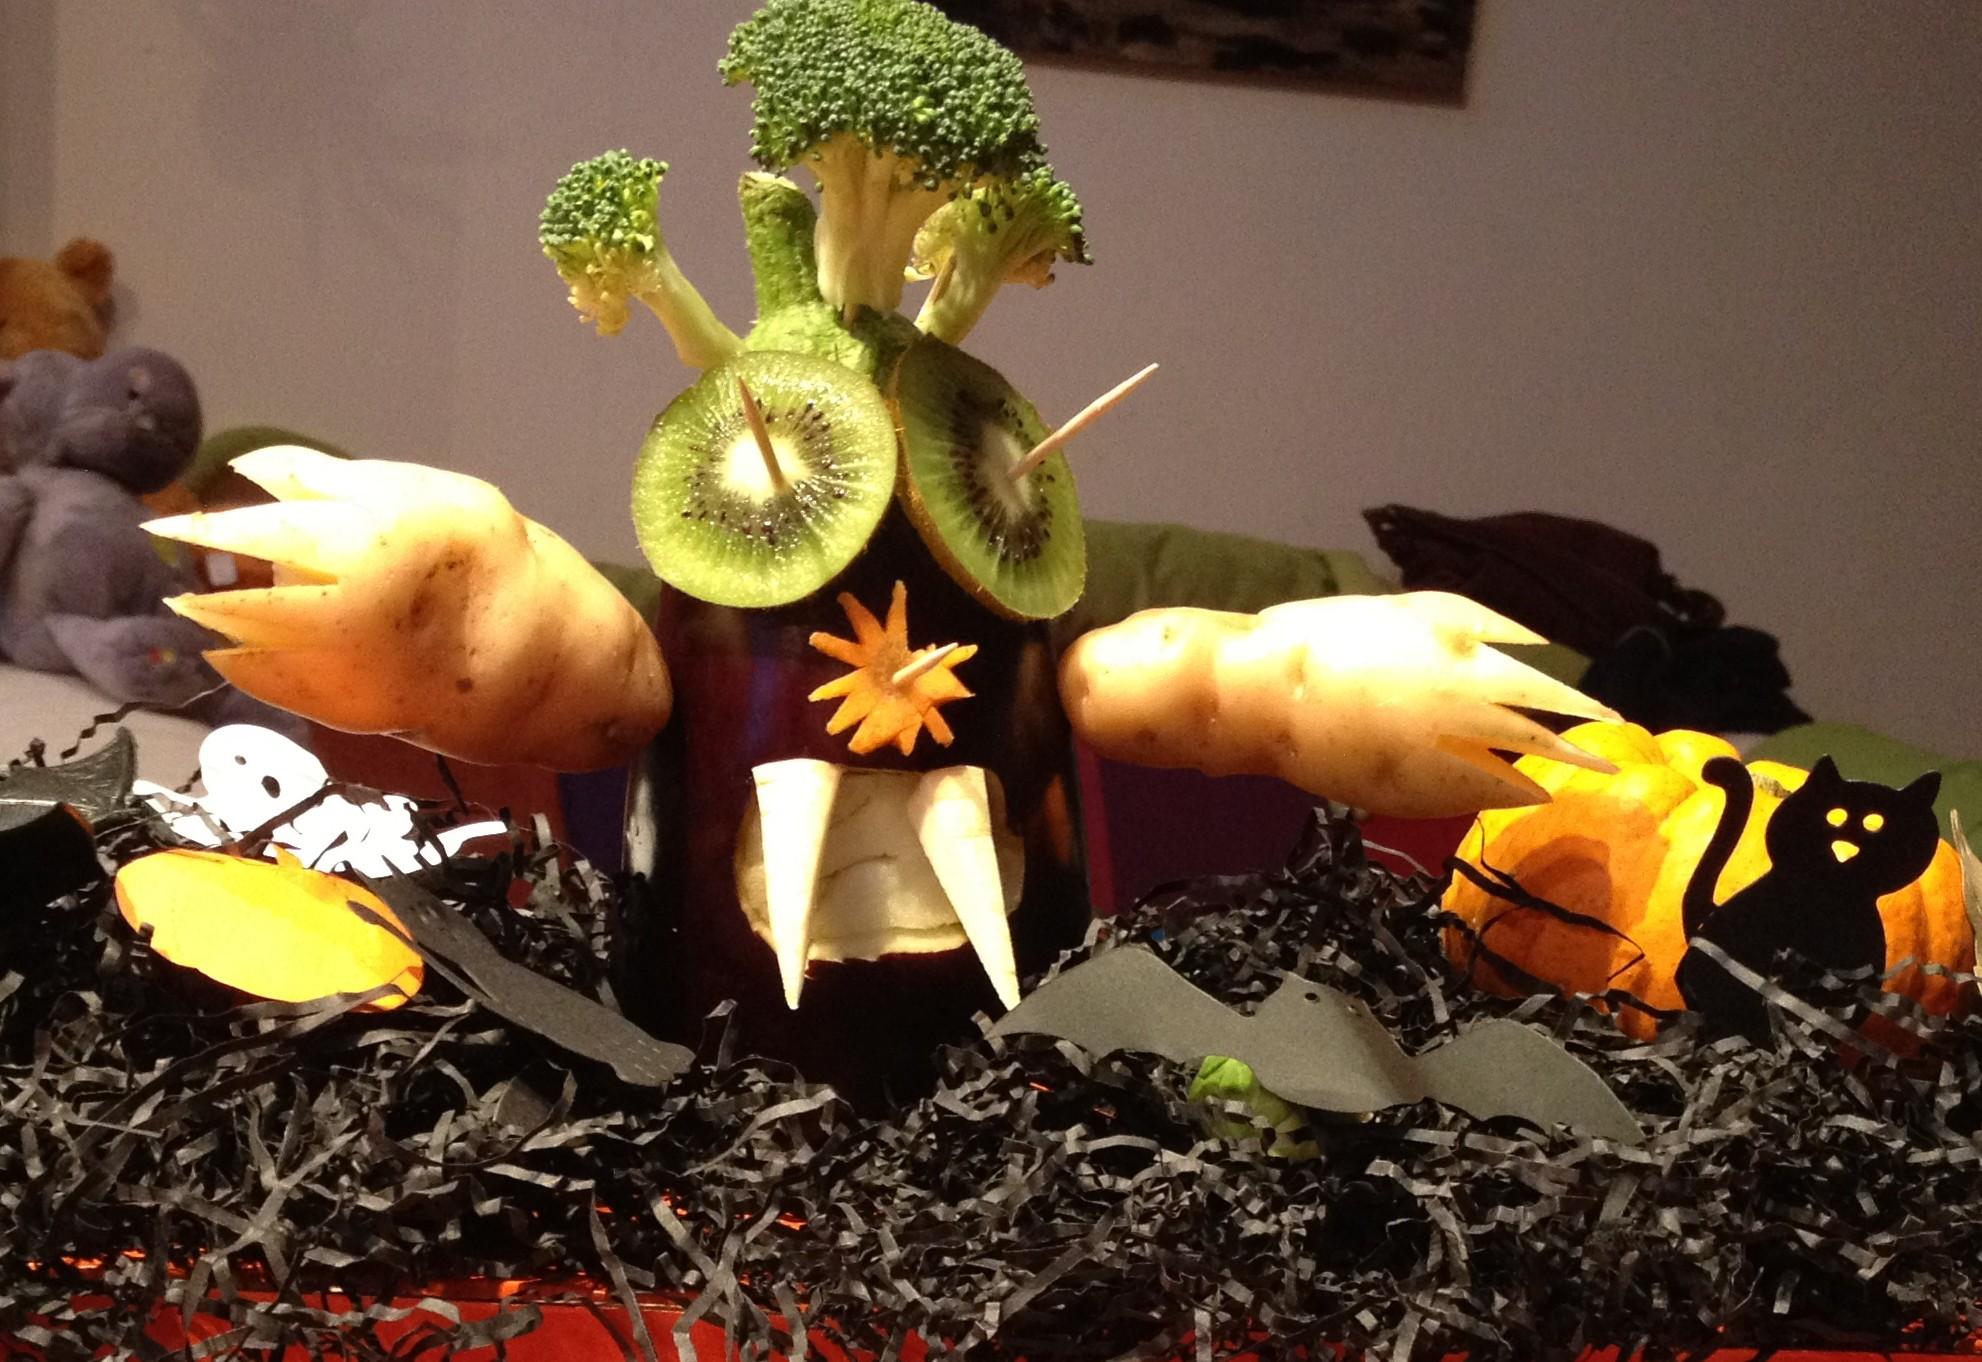 Innocent vegetable monster